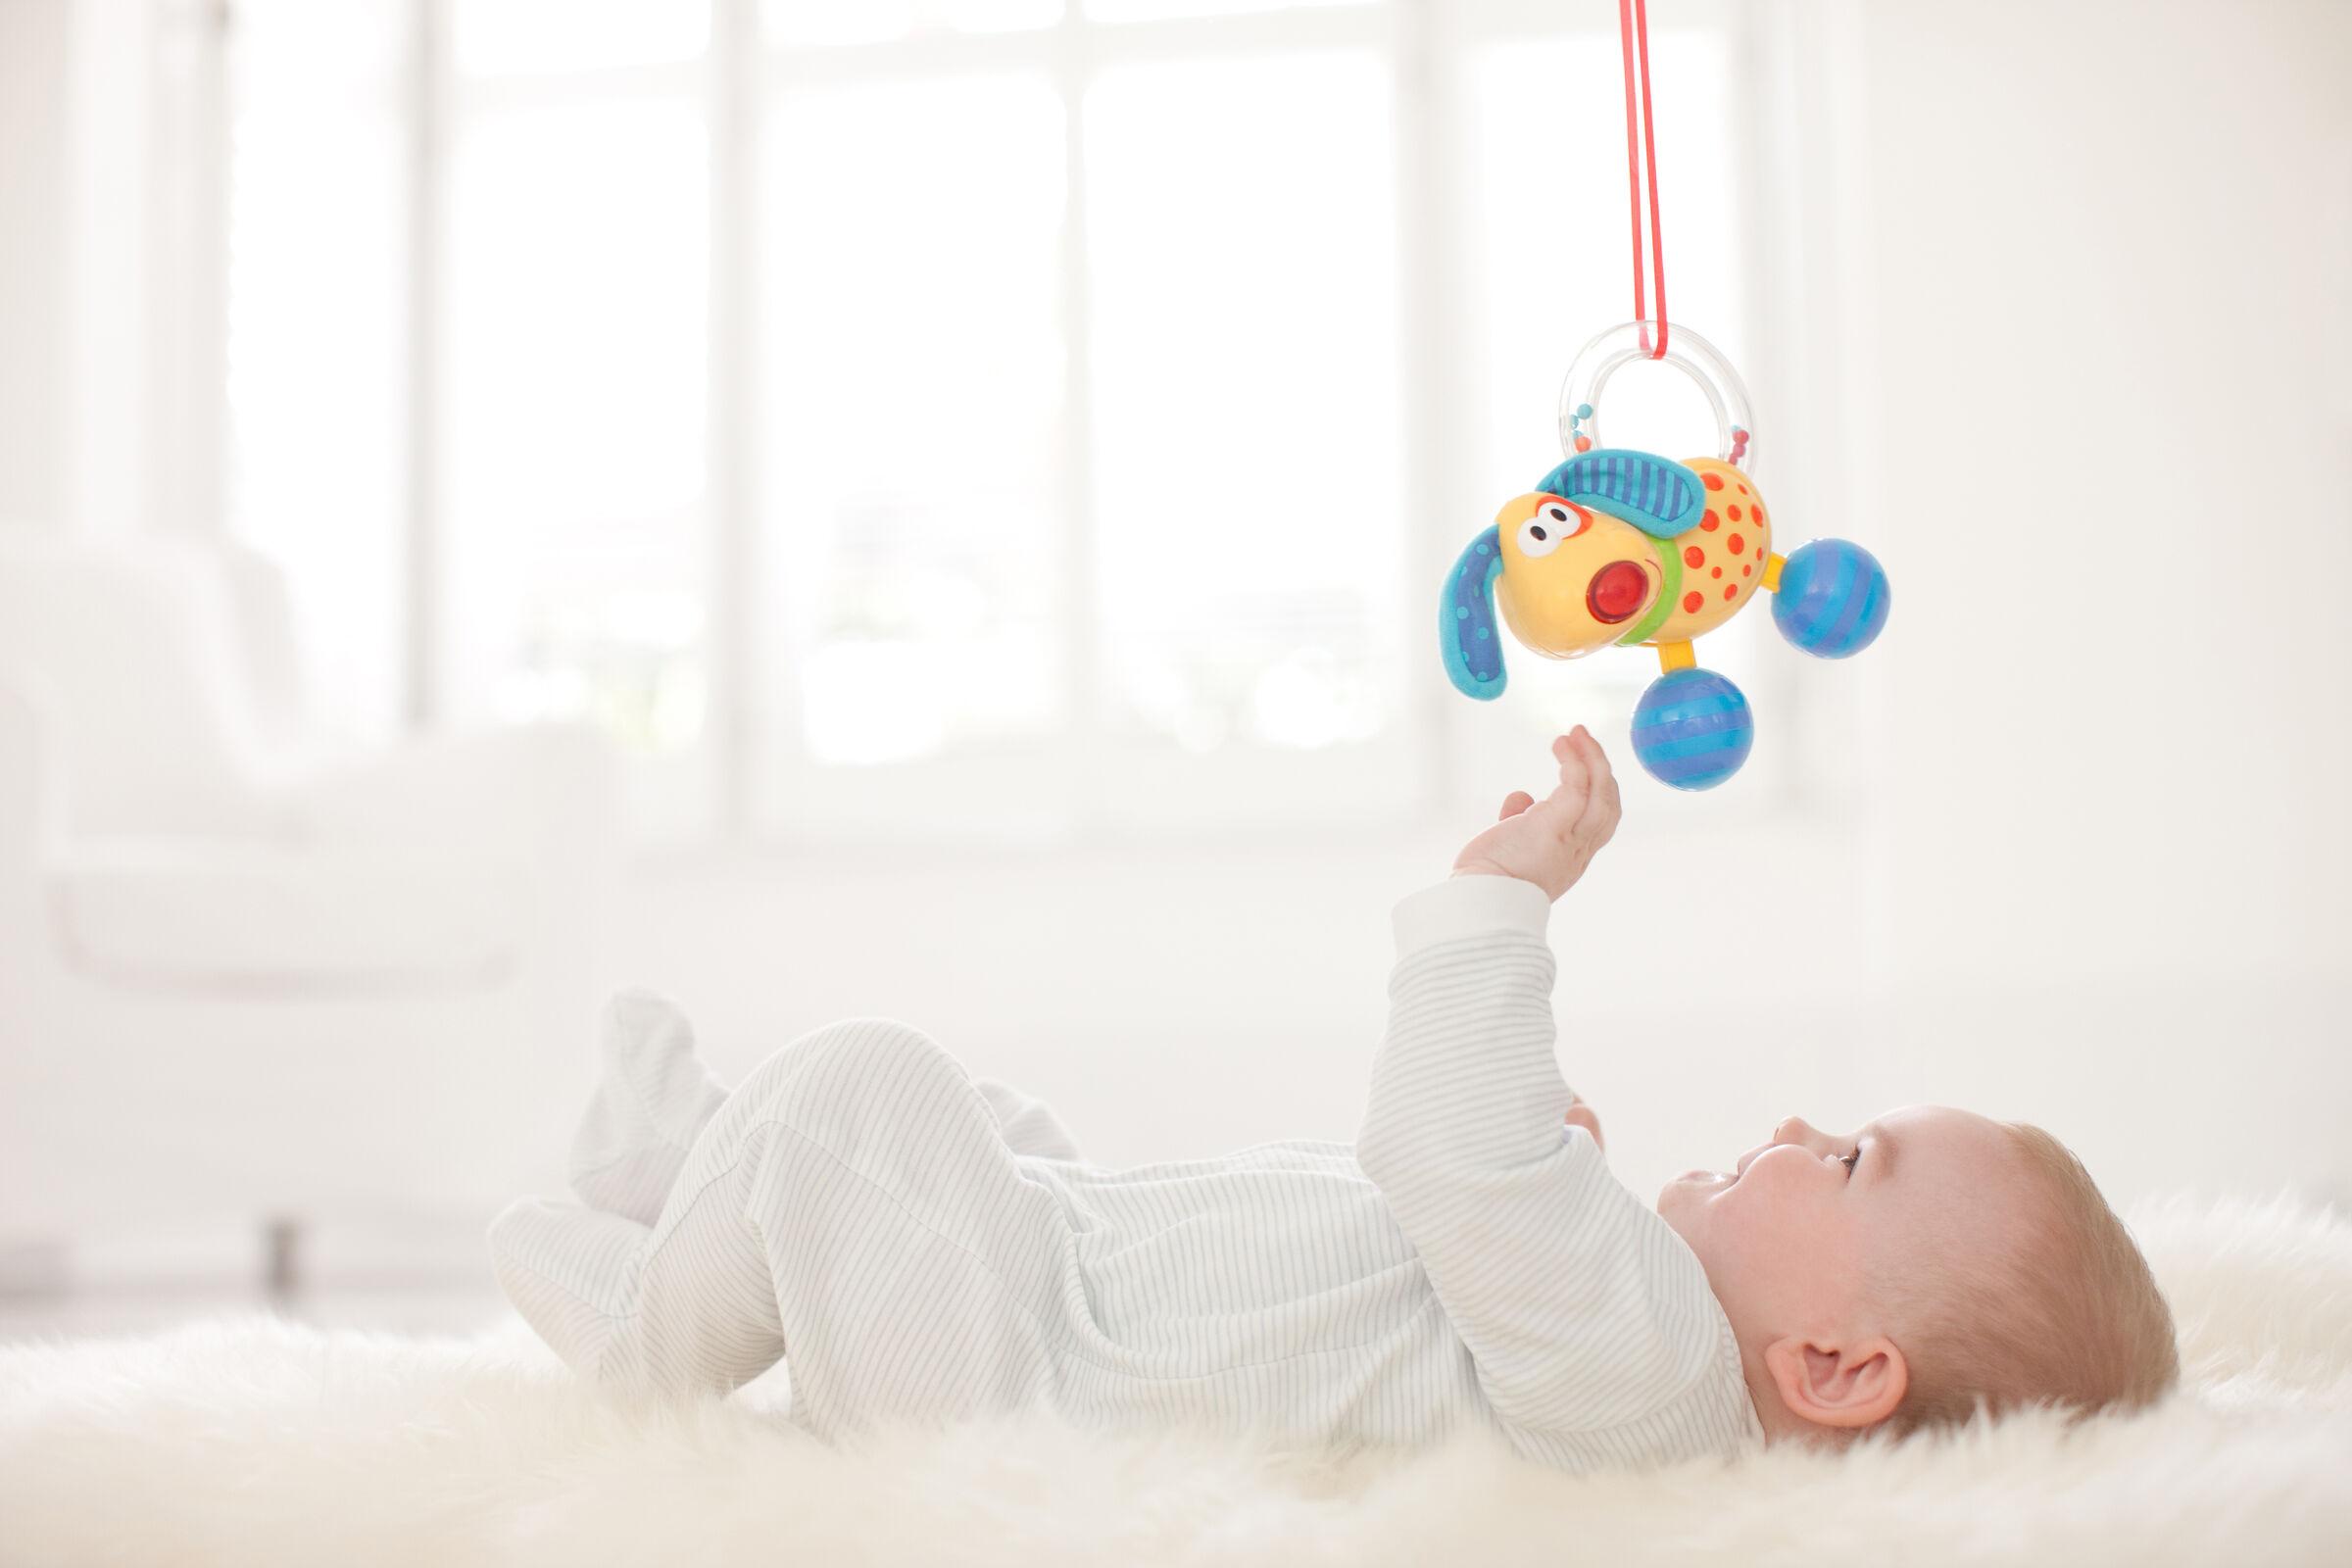 Bebê-deitado-no-berco-segurando-brinquedo-no-alto